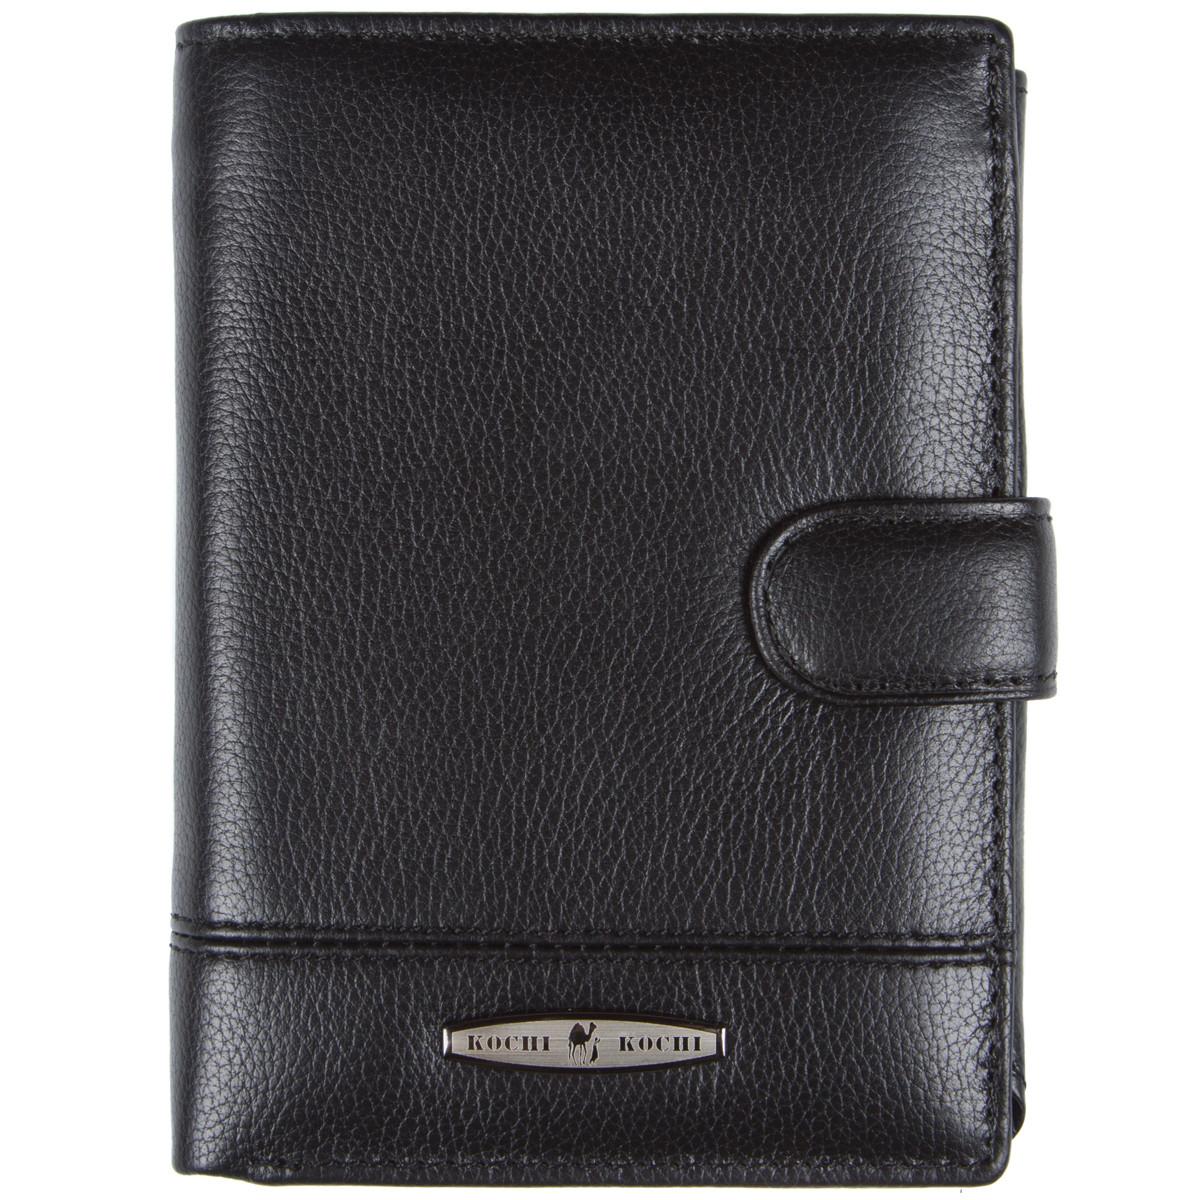 Бумажник мужской кожаный KOCHI 100х140х25 застёжка кнопка  м К227Д-12Н09ч